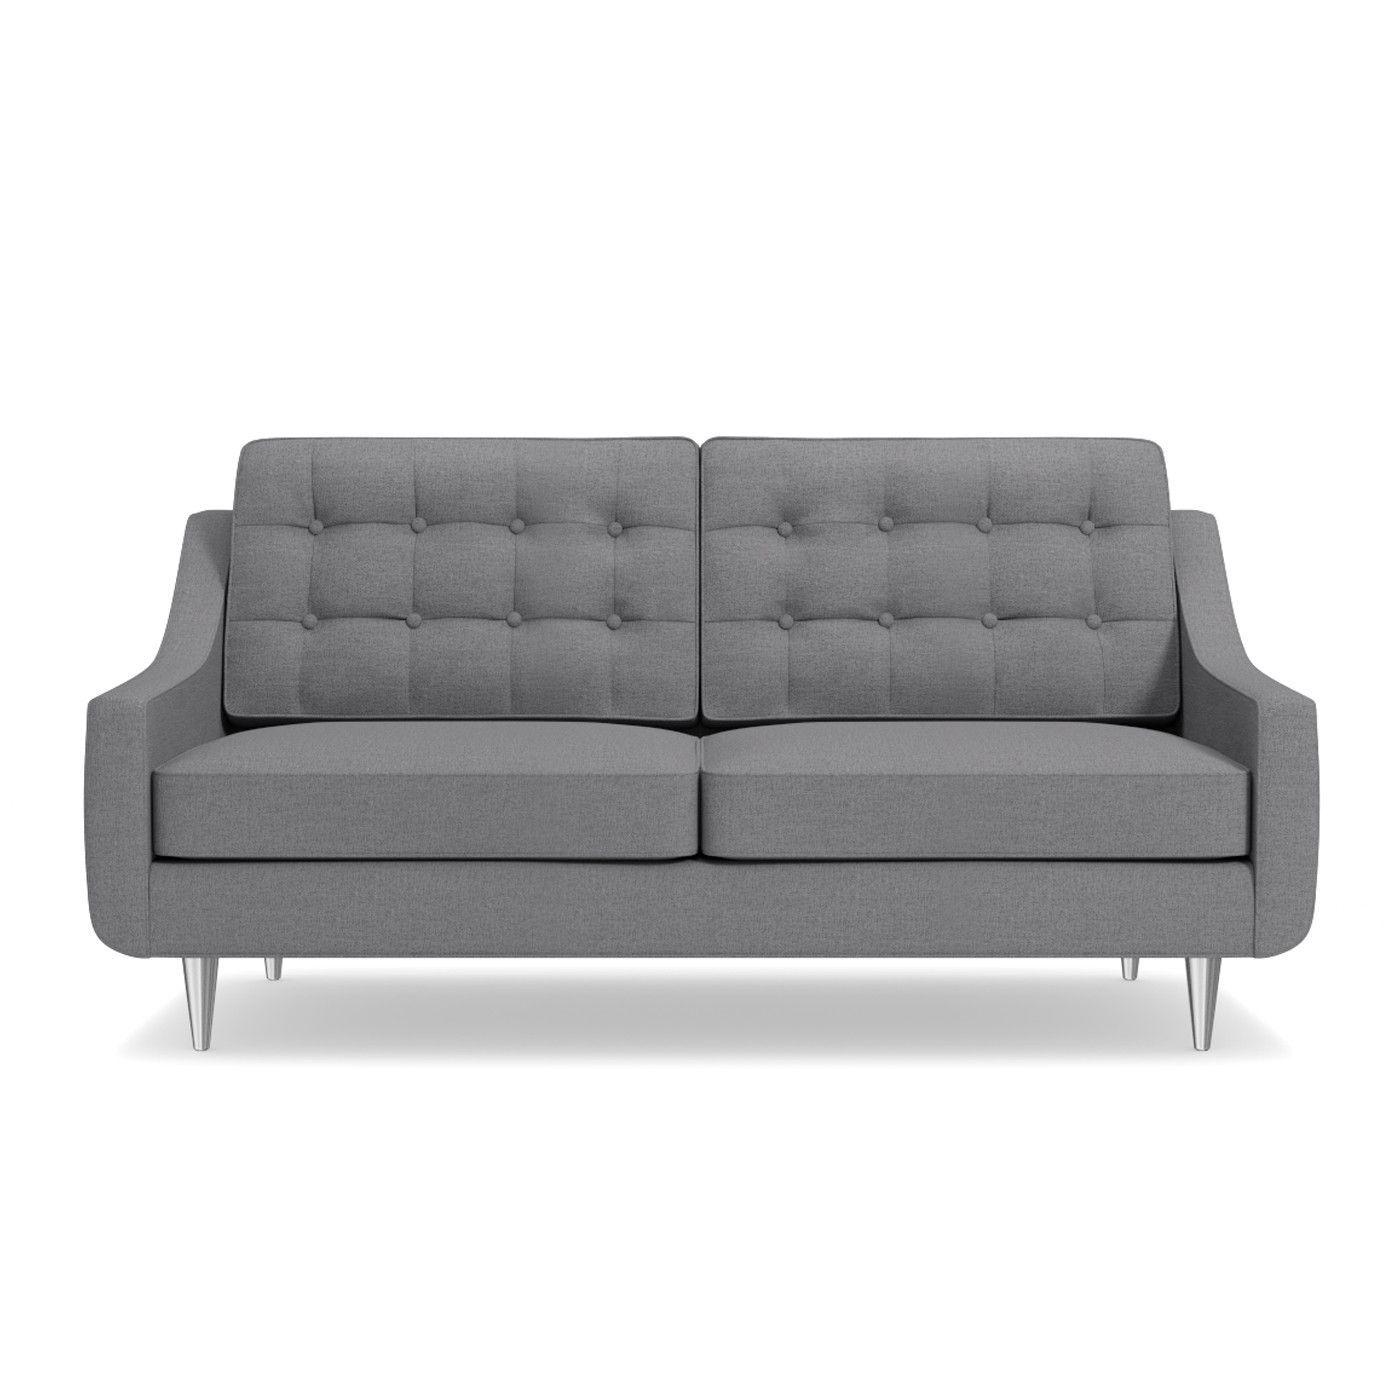 Cloverdale Drive Apartment Size Sofa | Pinterest